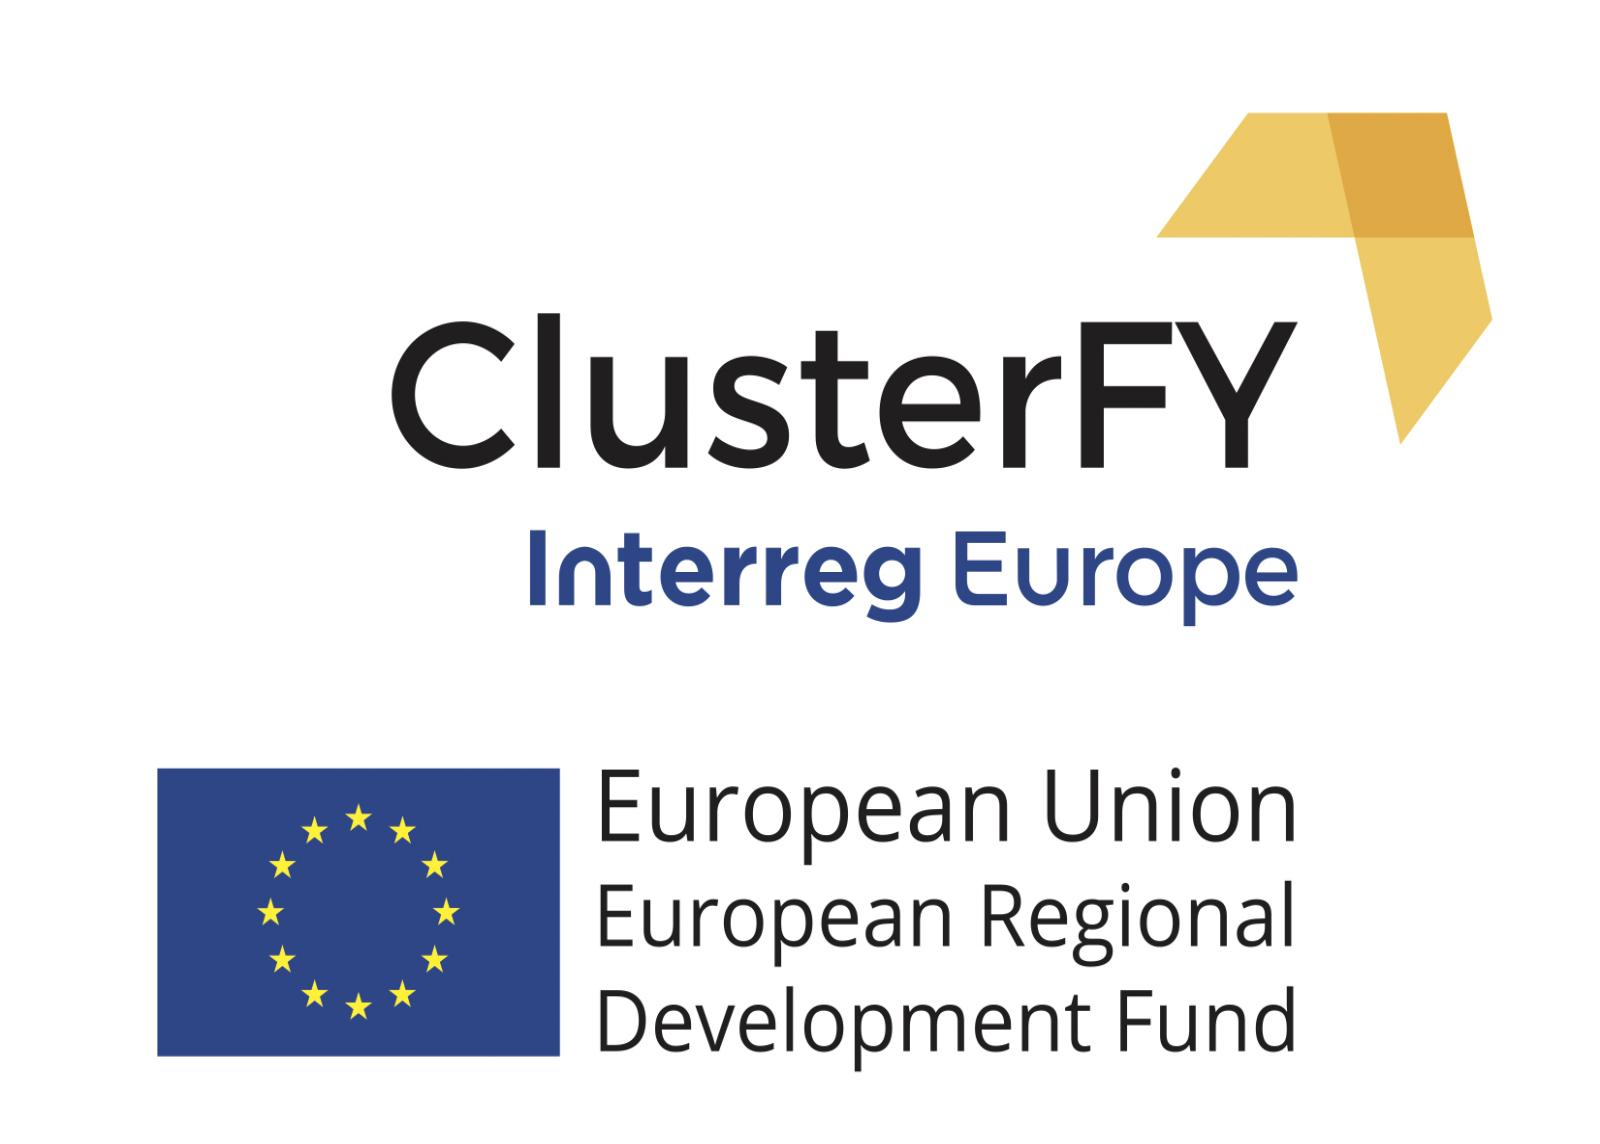 CLUSTERFY-4.jpg